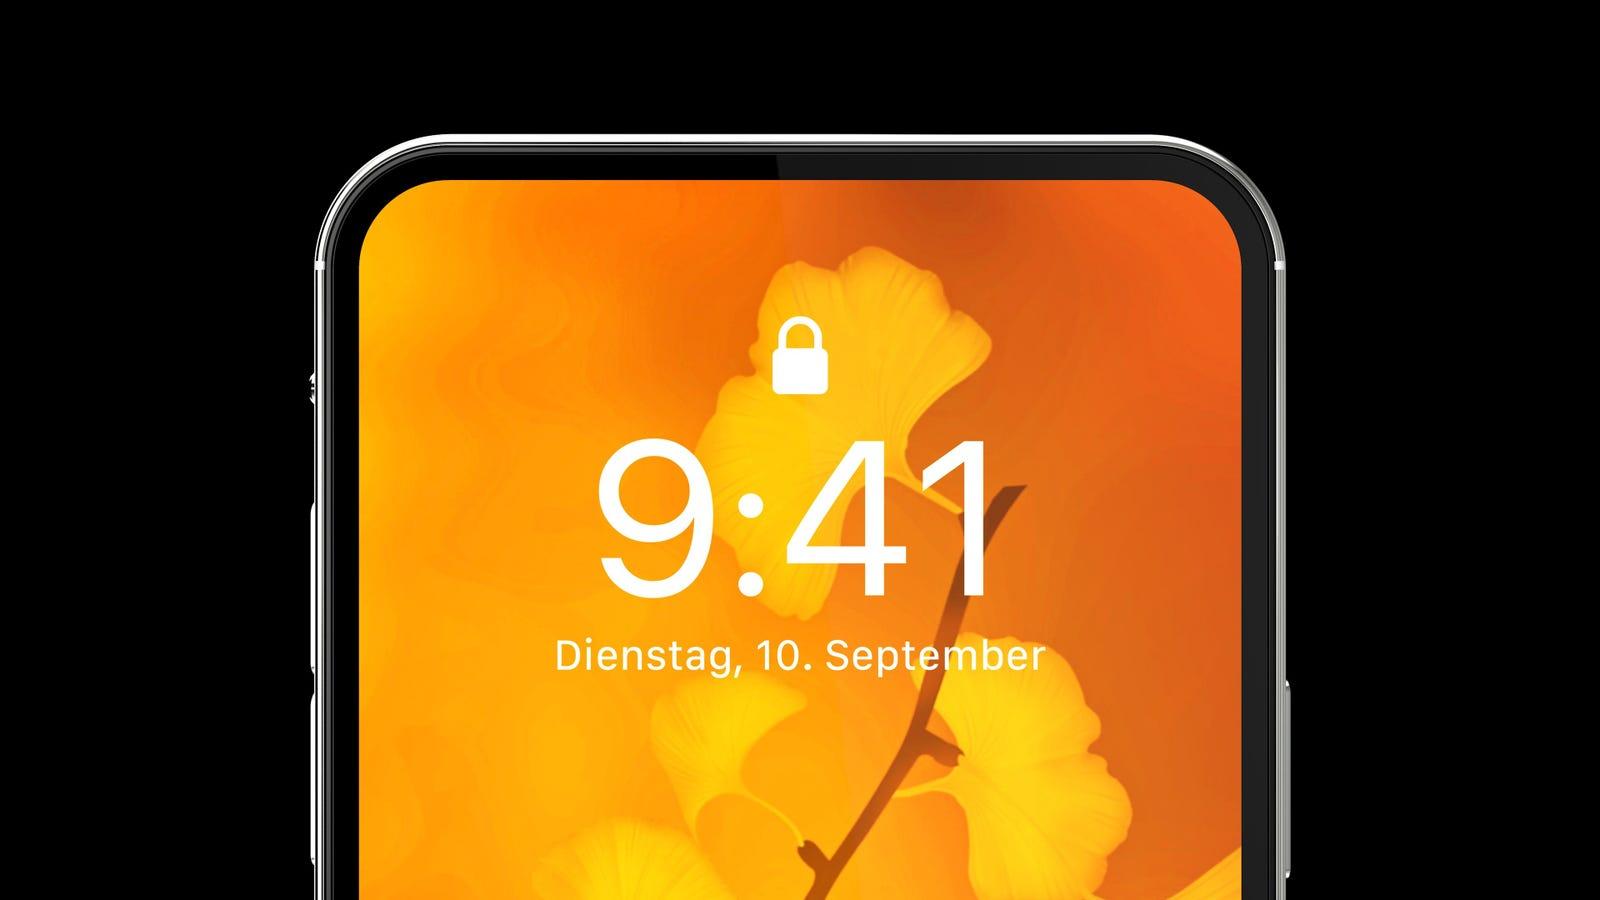 Loạt ảnh iPhone 12 Pro Max đẹp đến từng chi tiết với 5 màu sắc chân thực - Hình 2